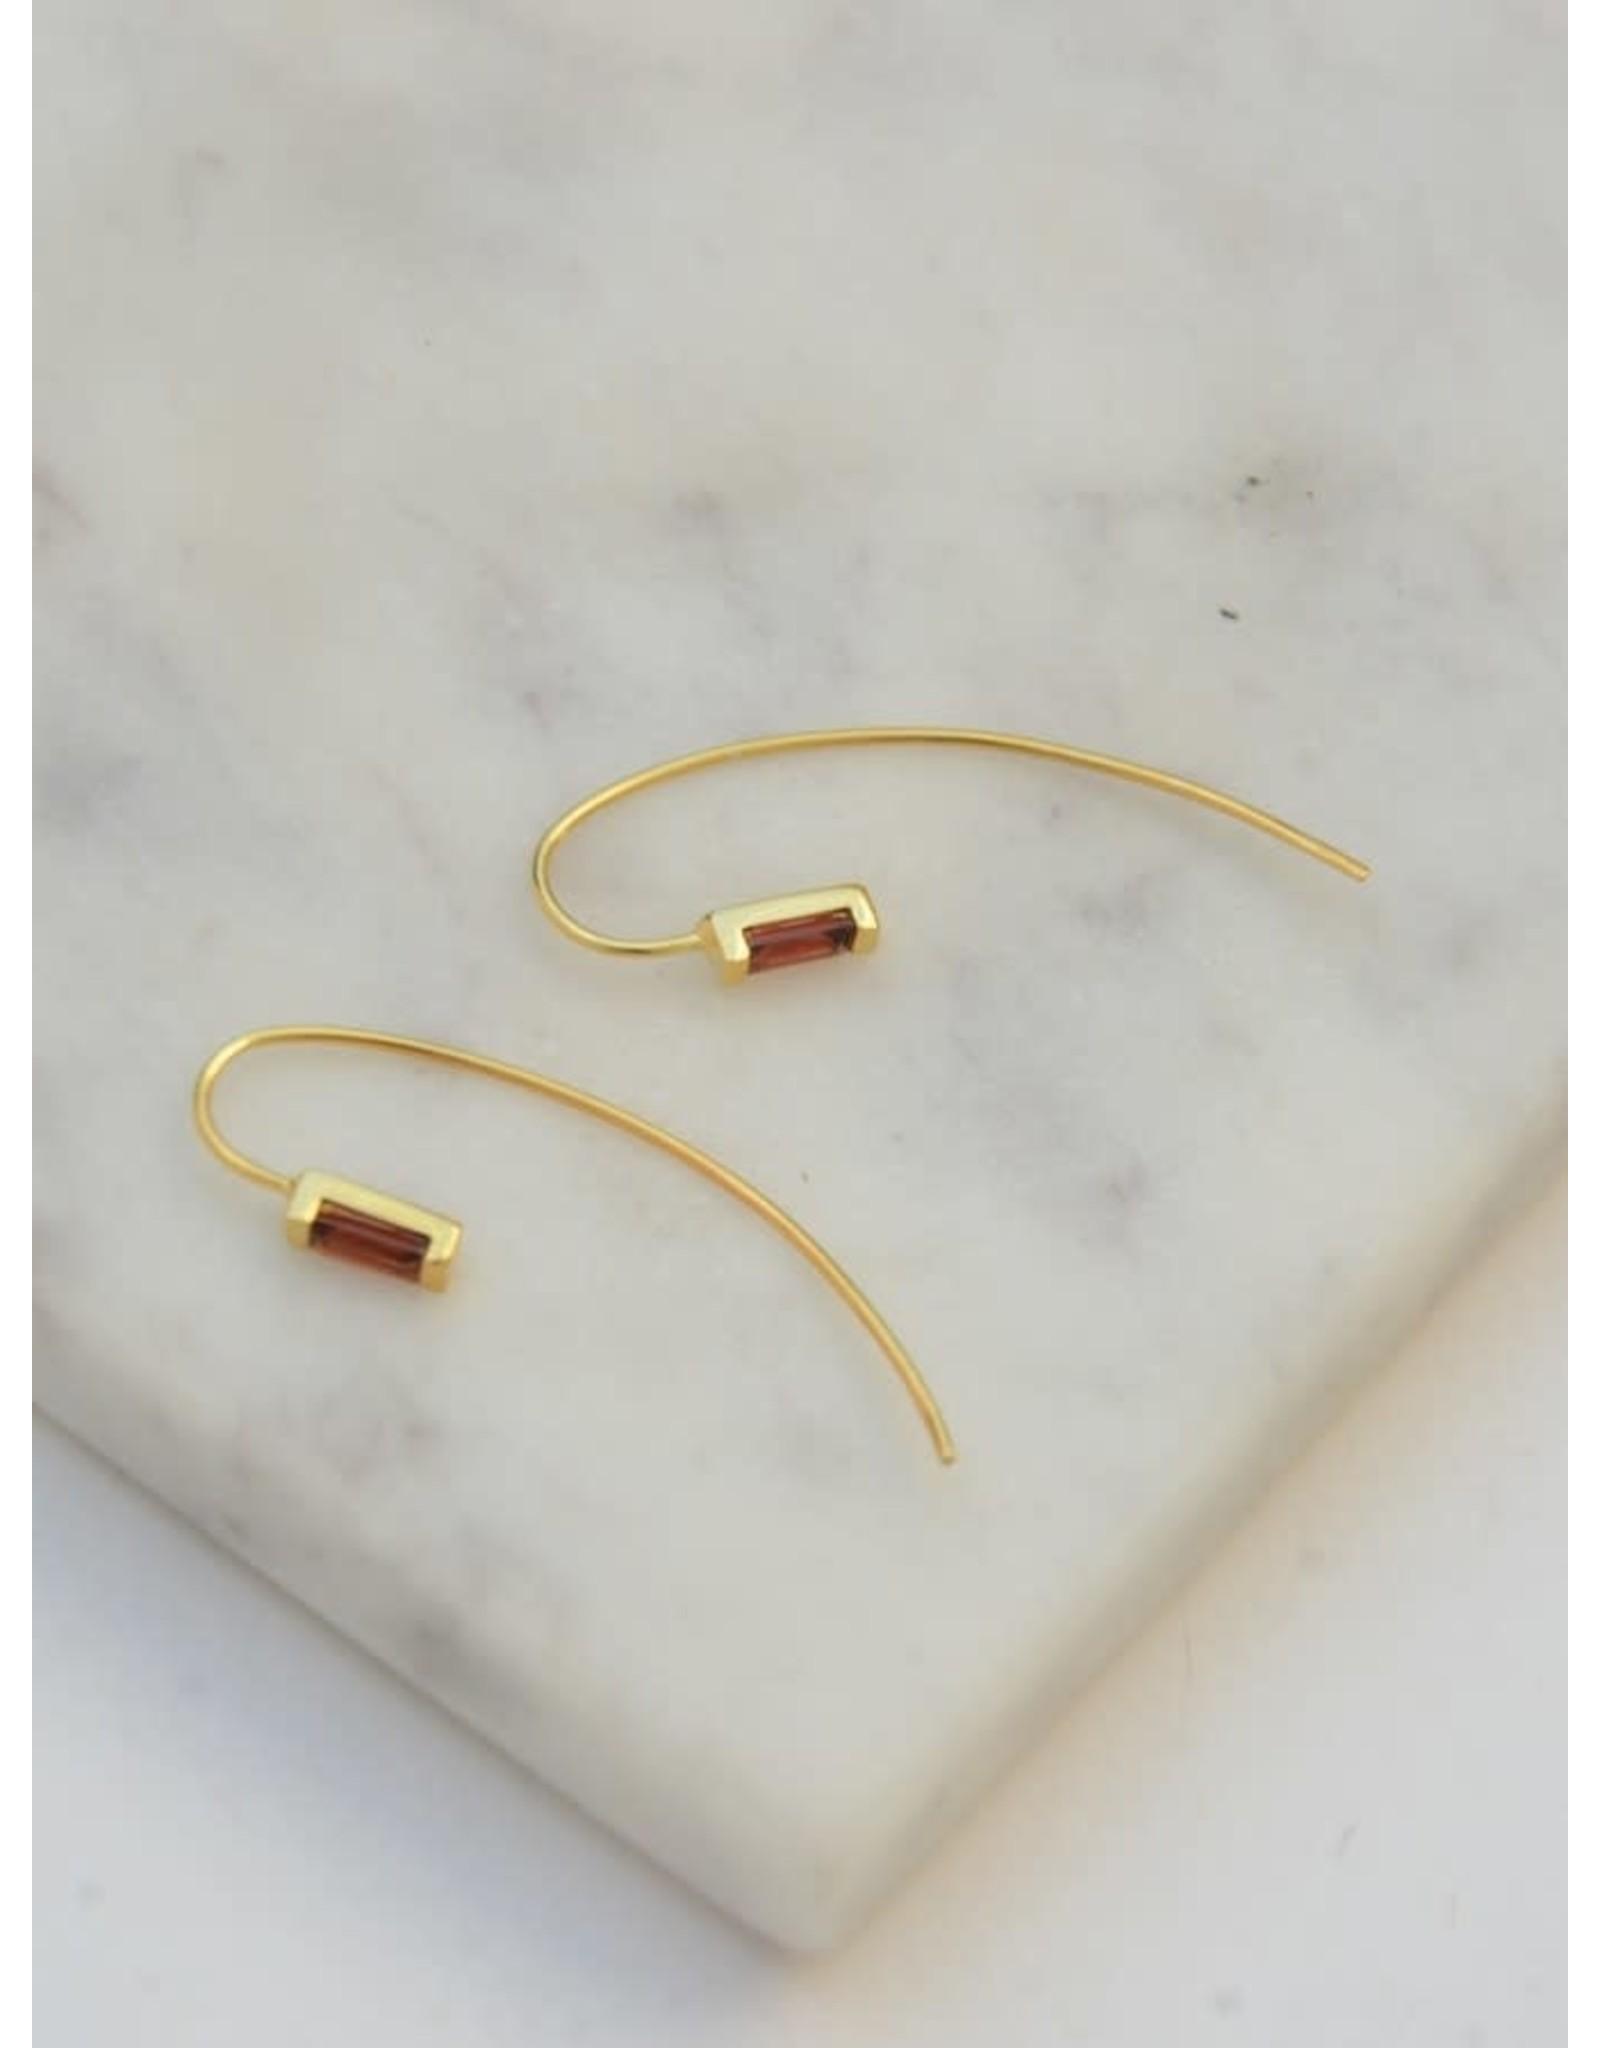 Prism Brass Earrings - Garnet